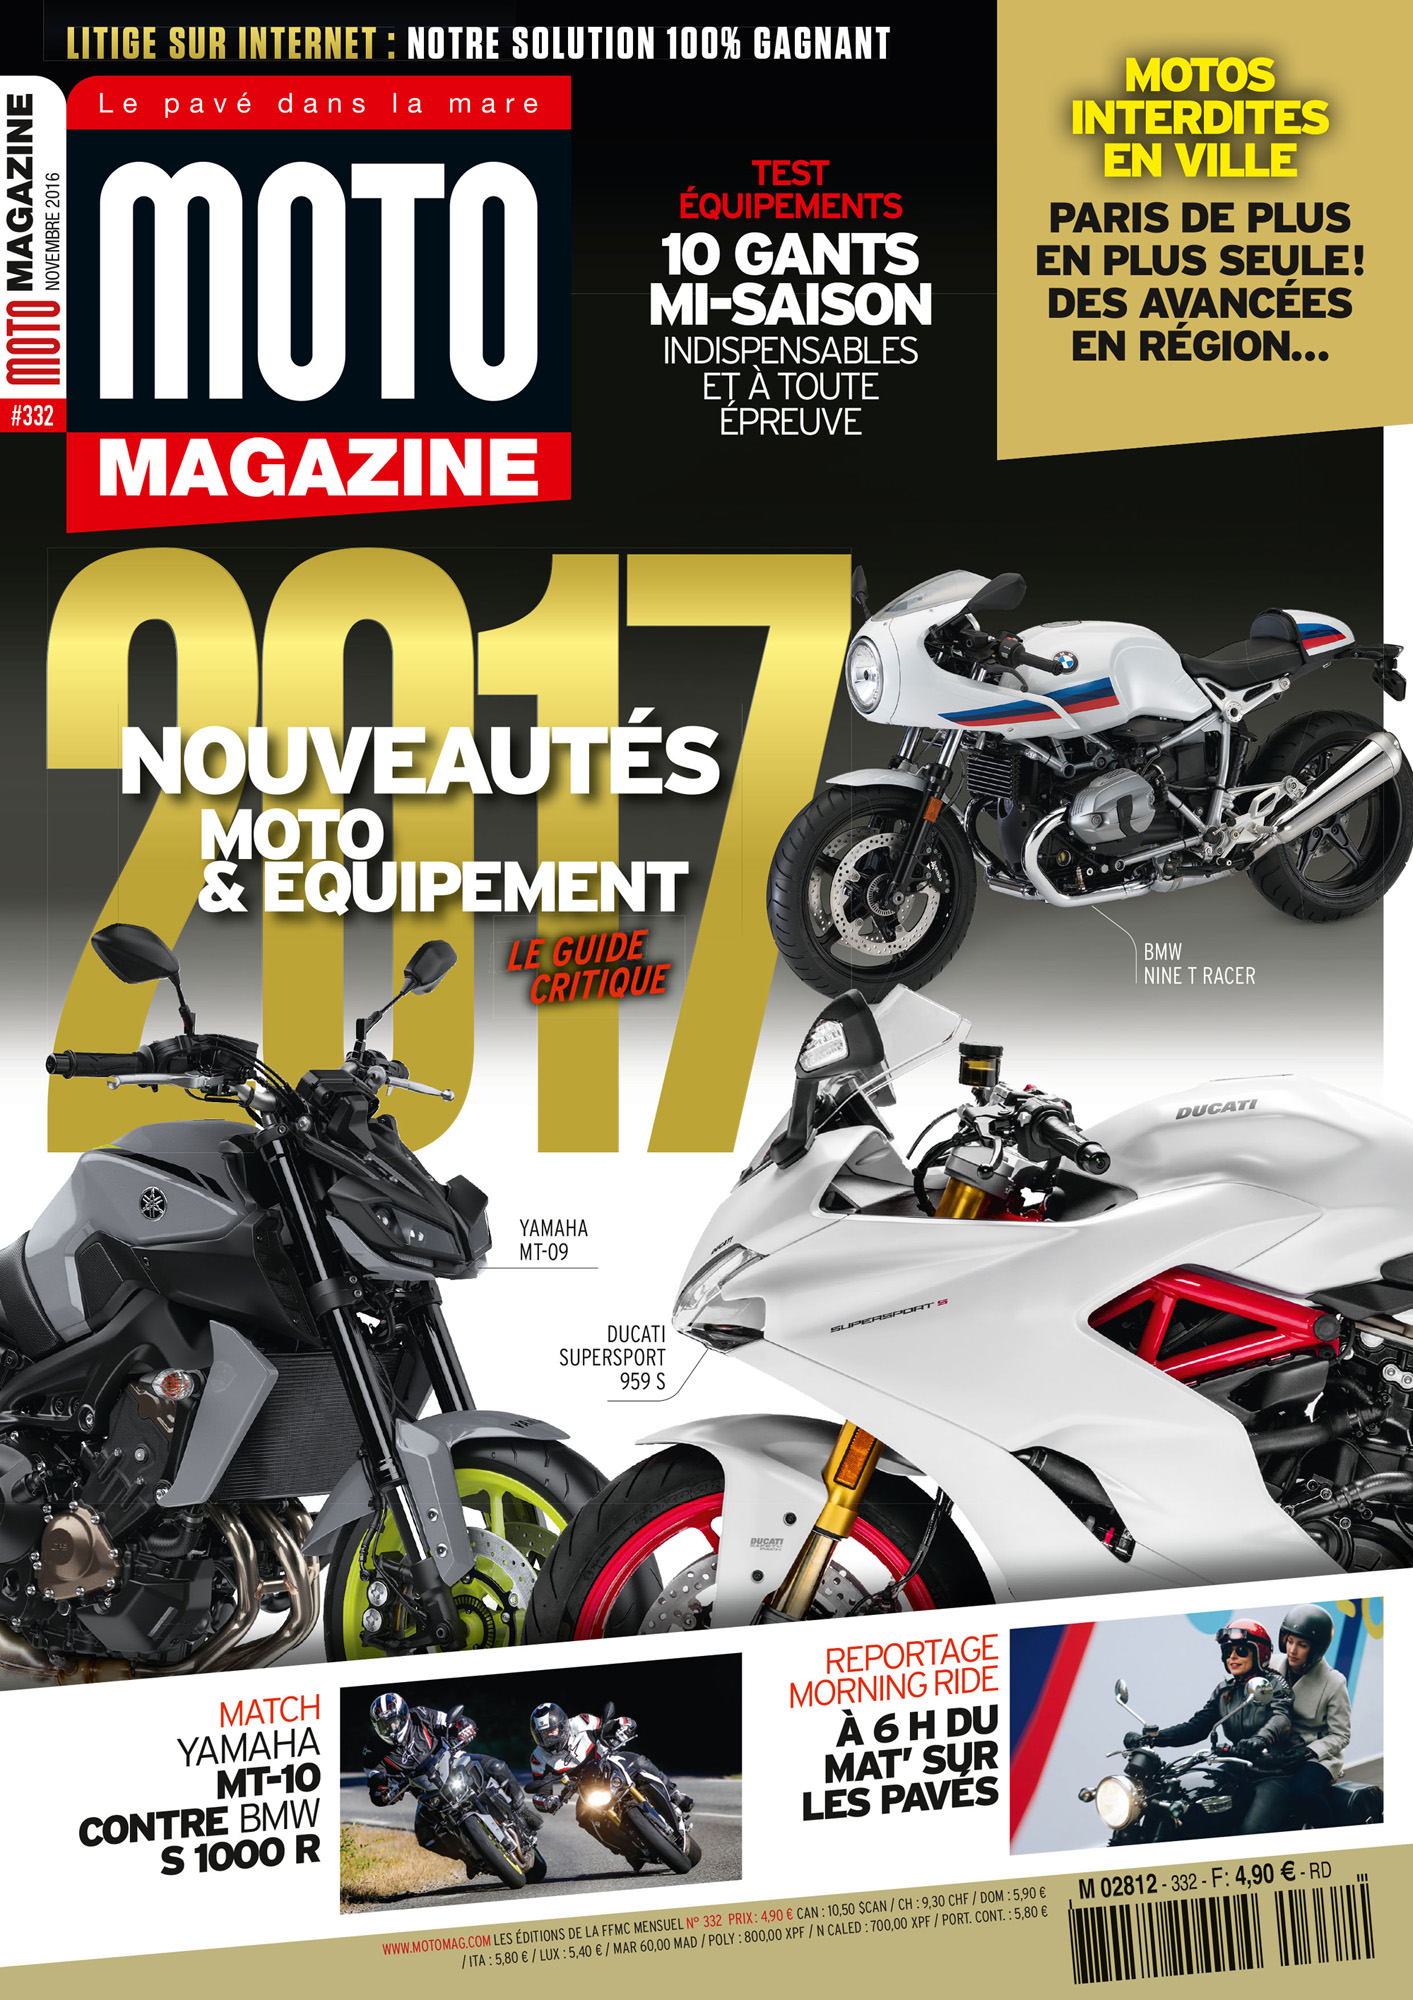 d couvrez moto magazine de novembre 2016 nouveaut s moto moto magazine leader de l. Black Bedroom Furniture Sets. Home Design Ideas